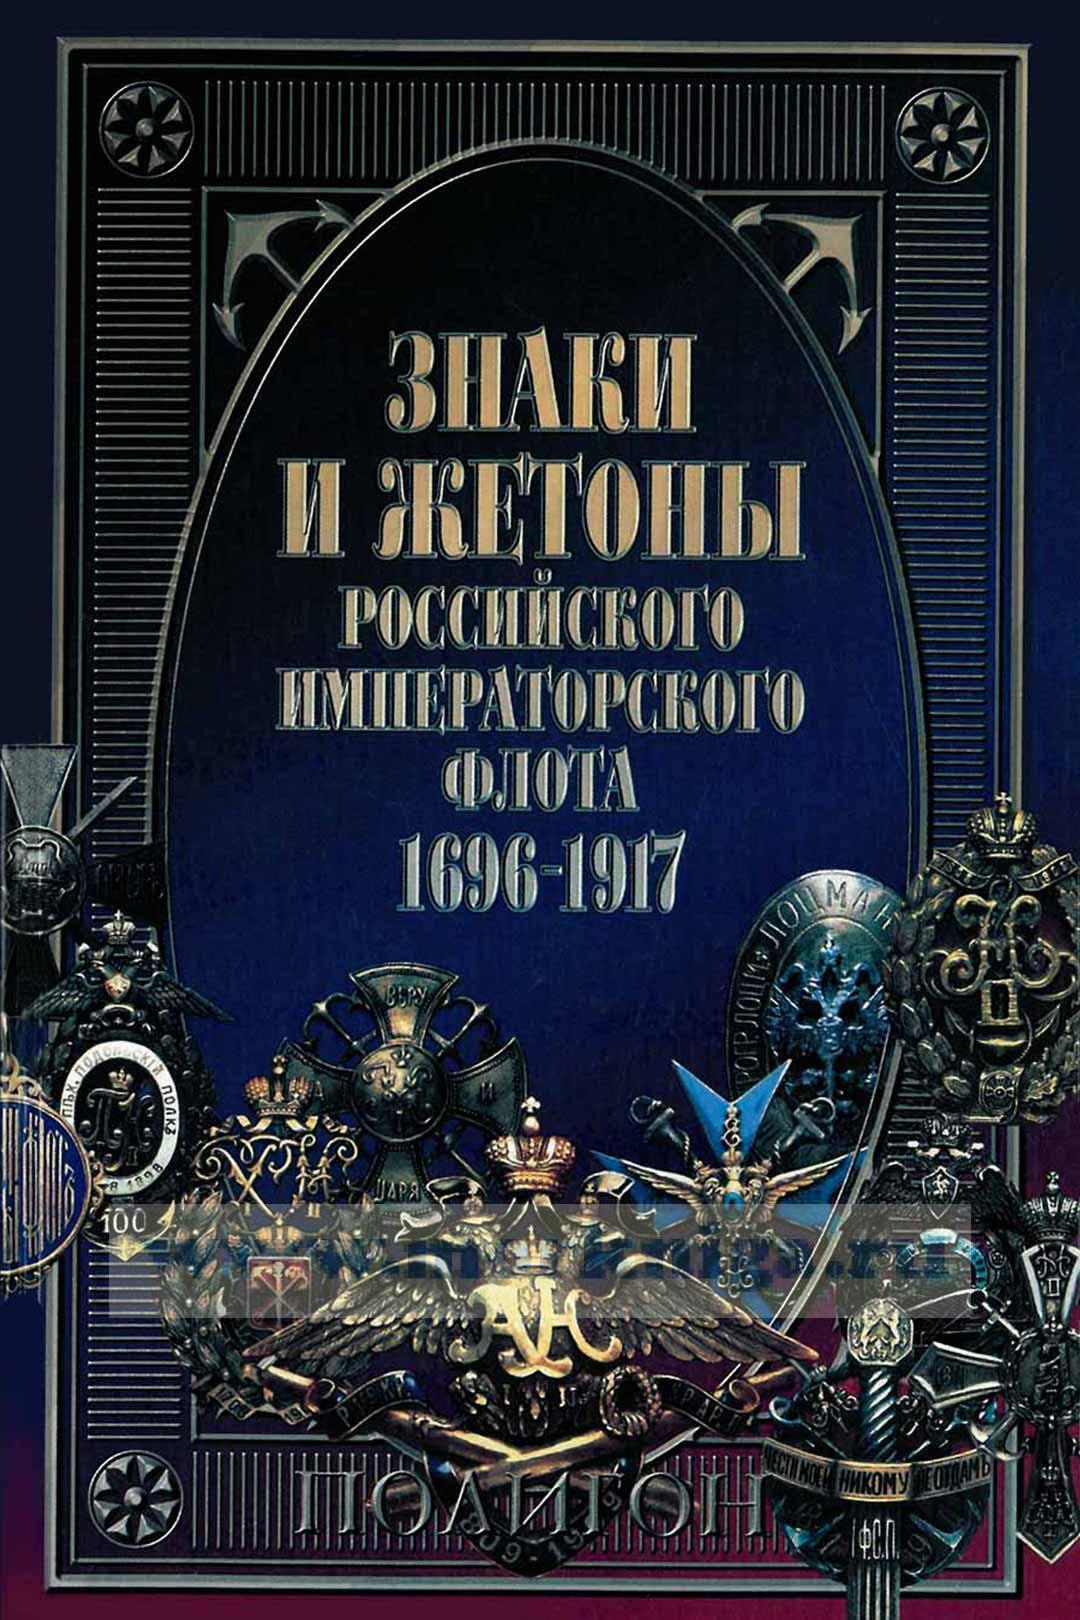 Знаки и жетоны Российского Императорского флота. 1696 - 1917